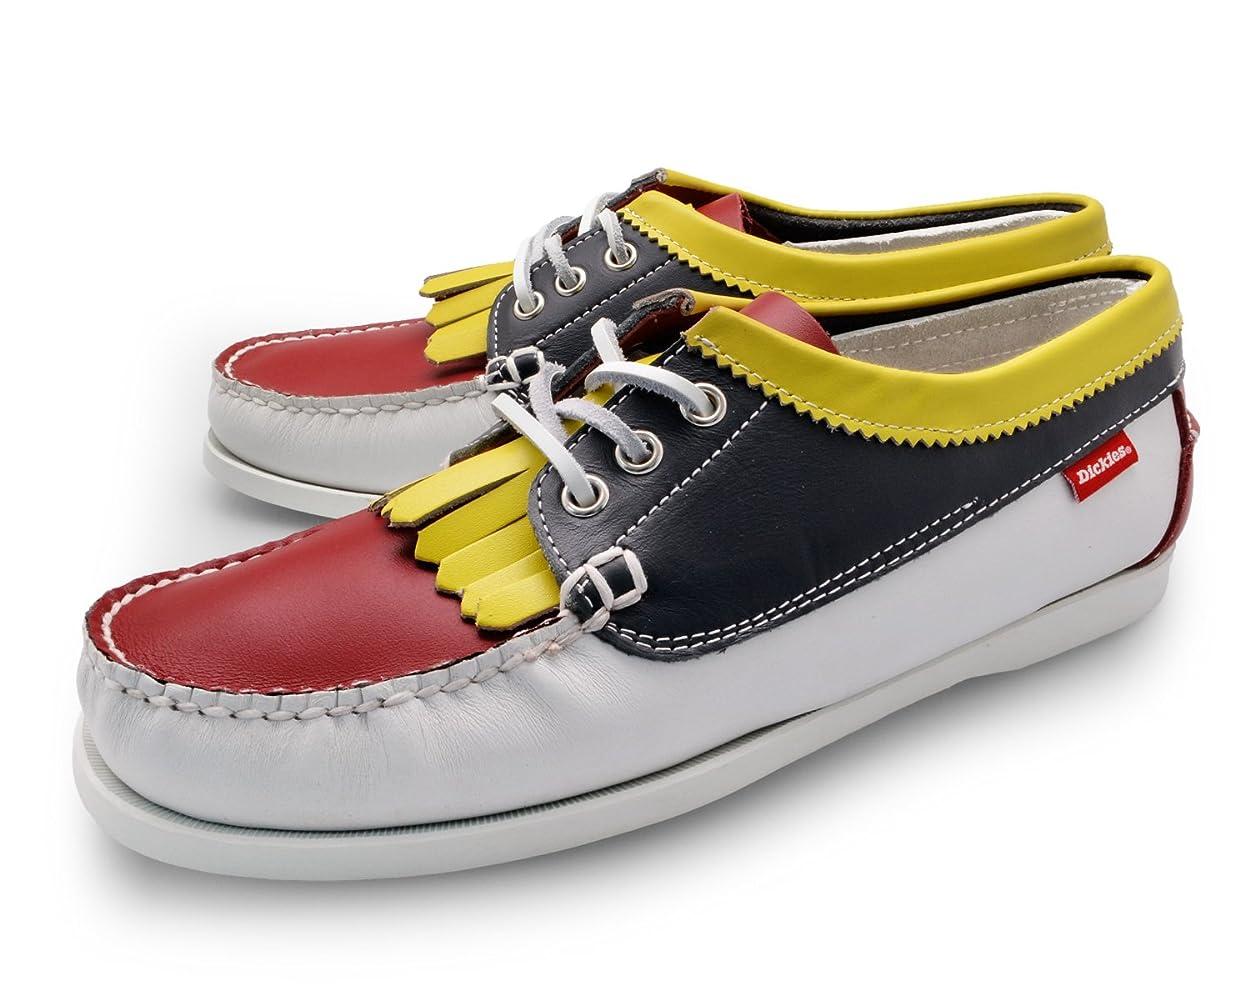 親指嫌がるそうでなければ[ ディッキーズ ] Dickies [ デッキシューズ ] Deck Shoes [ クロスビー レザー 本革 ] crosby leather [ モカシン シューズ ] Moccasin Shoes [ 白 マルチ 紺 マルチ 明茶 マルチ ]